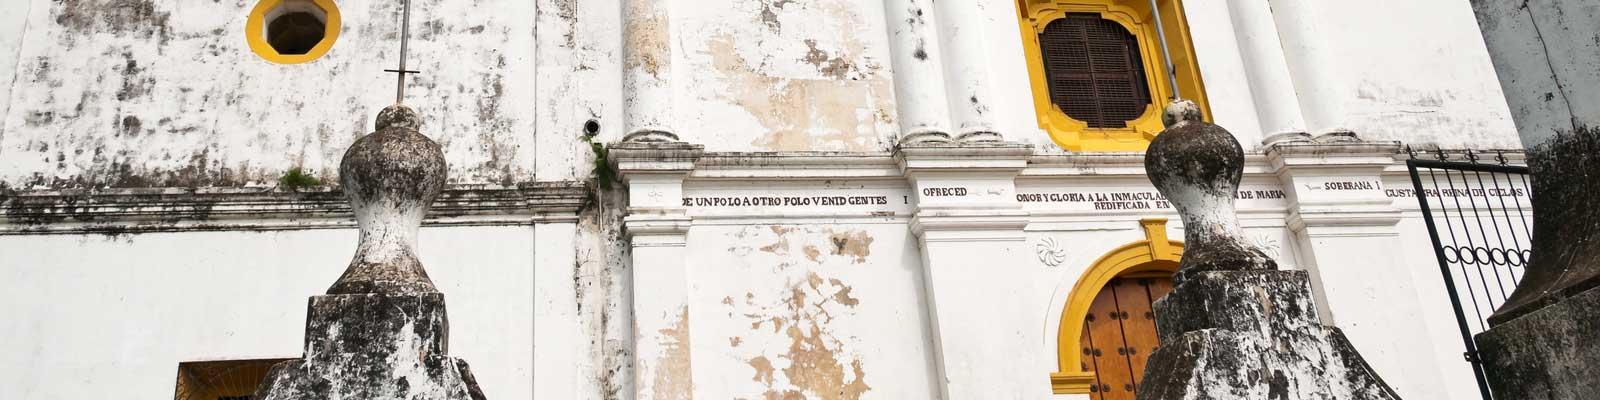 Nicaragua Igrejas Cultura